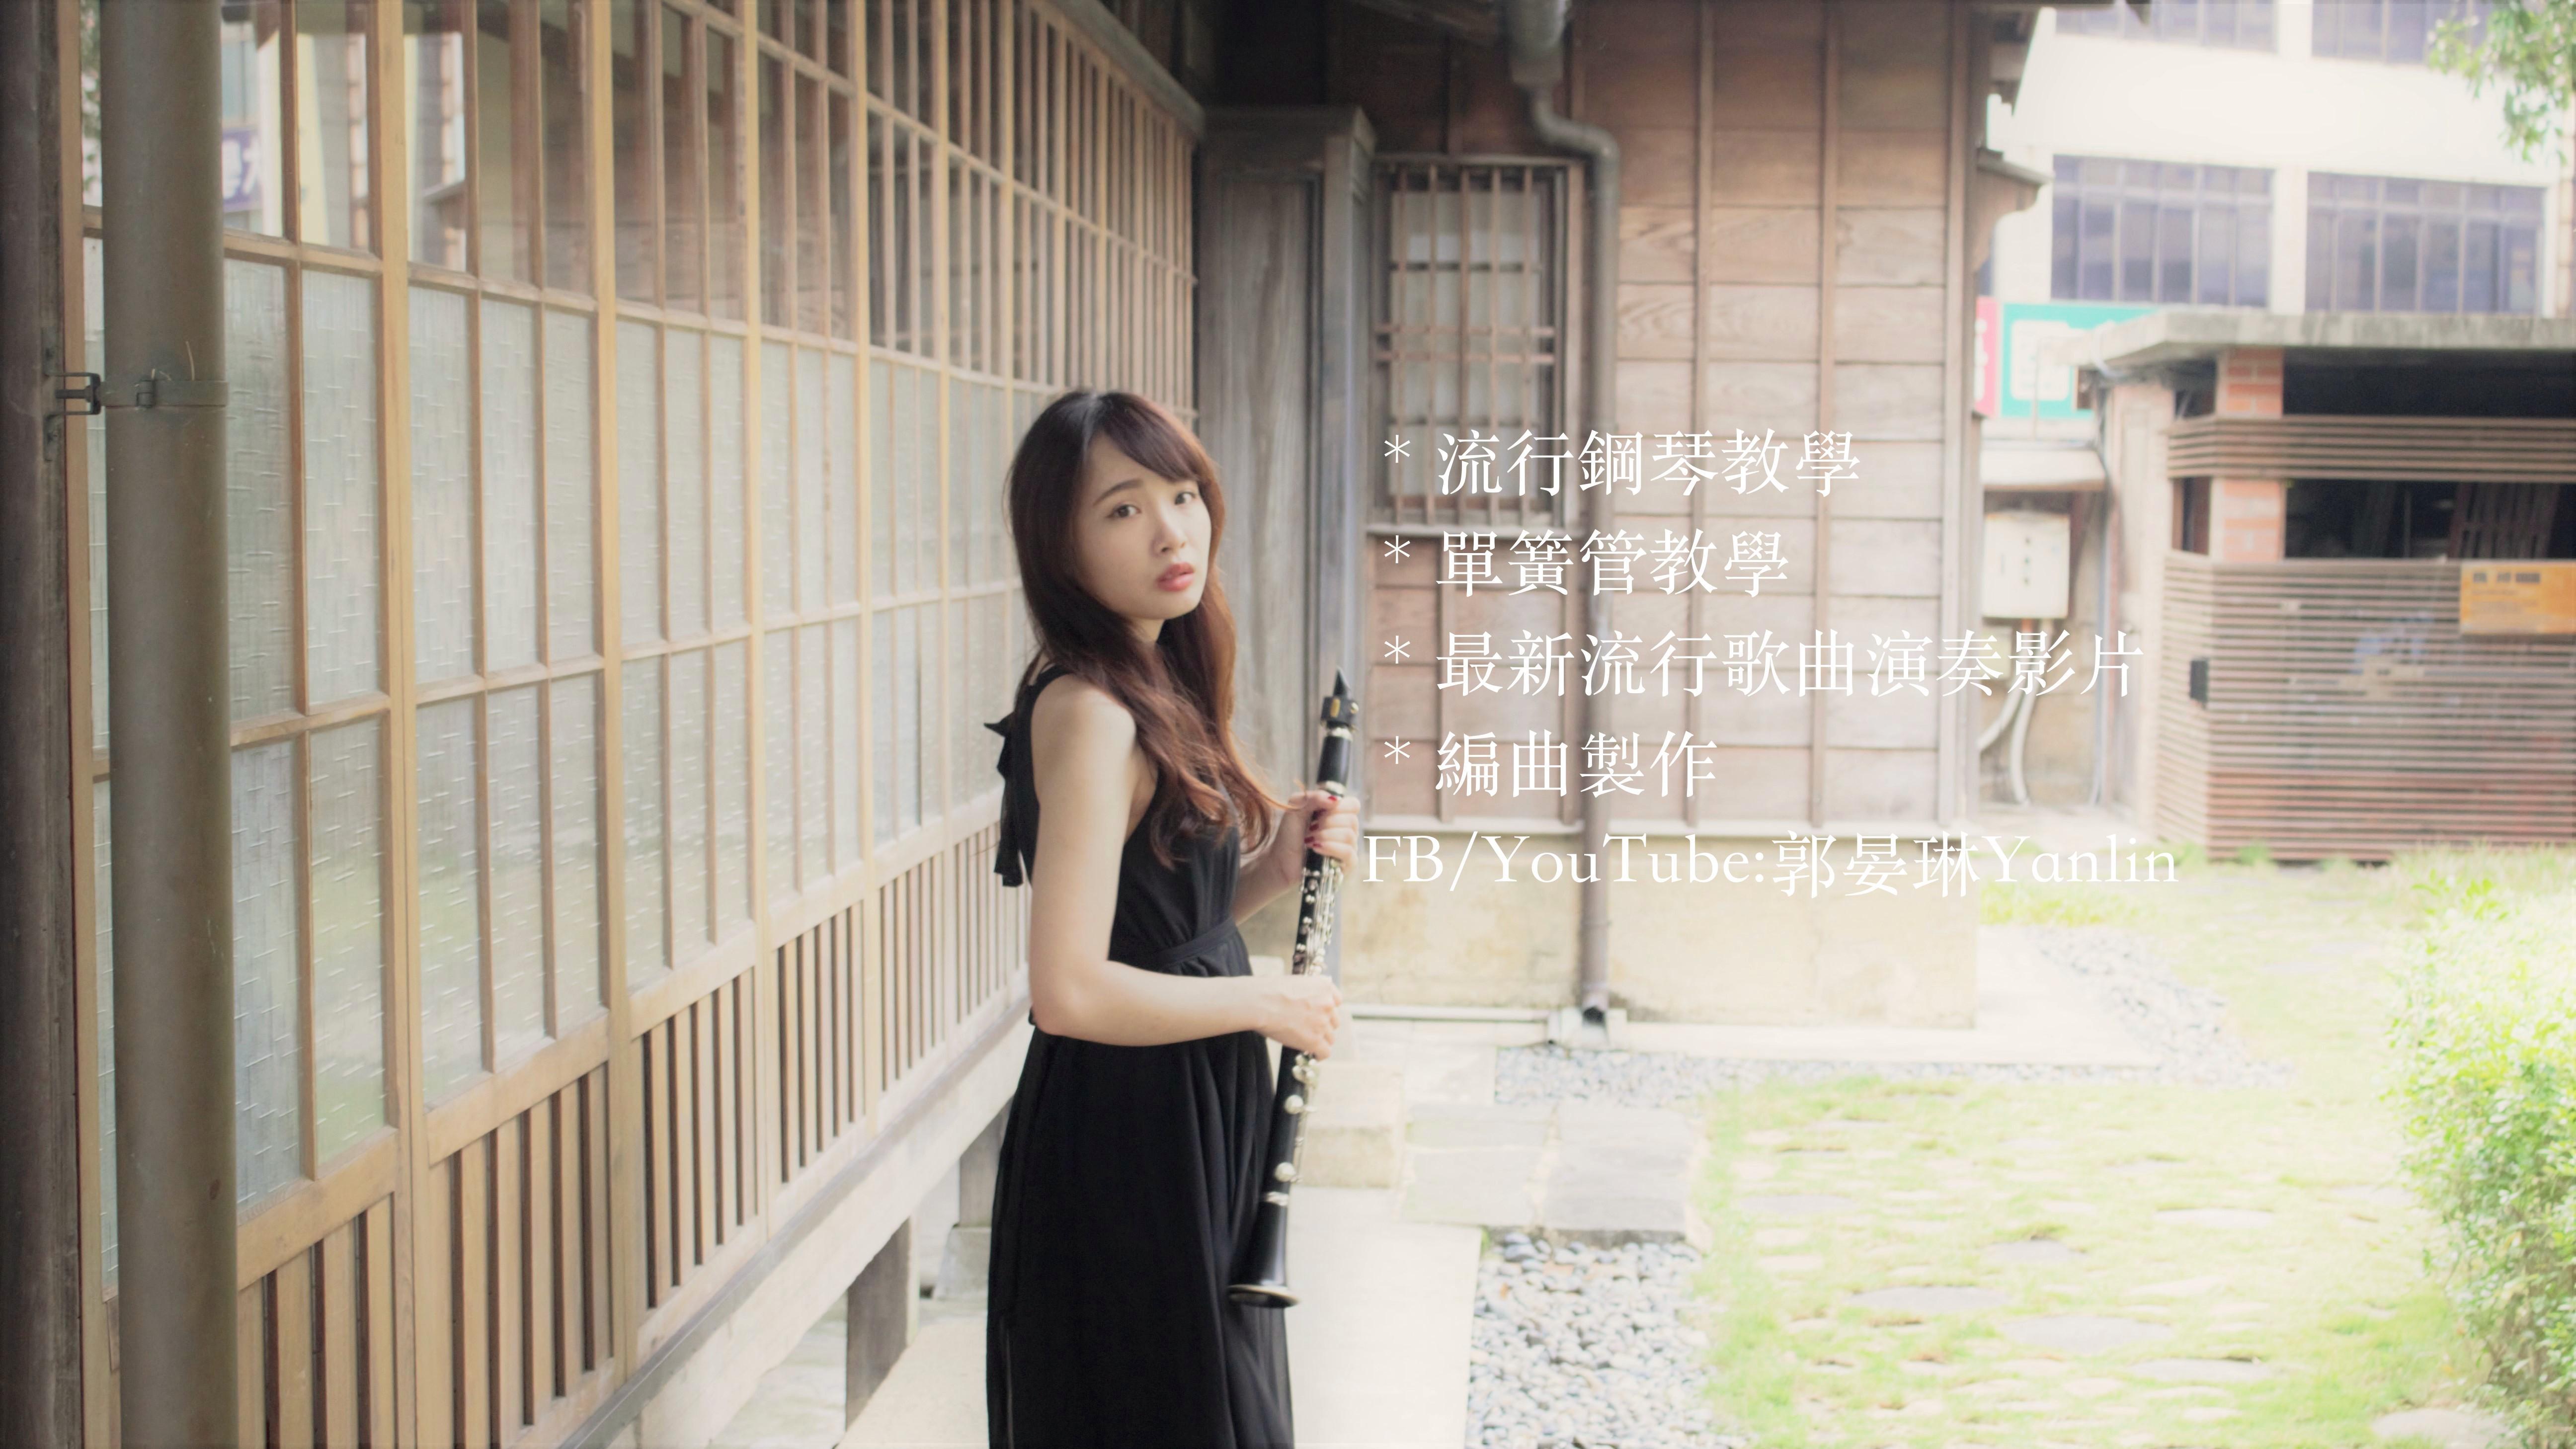 晏琳老師~學習流行鋼琴與單簧管演奏沒有想像中的難唷!